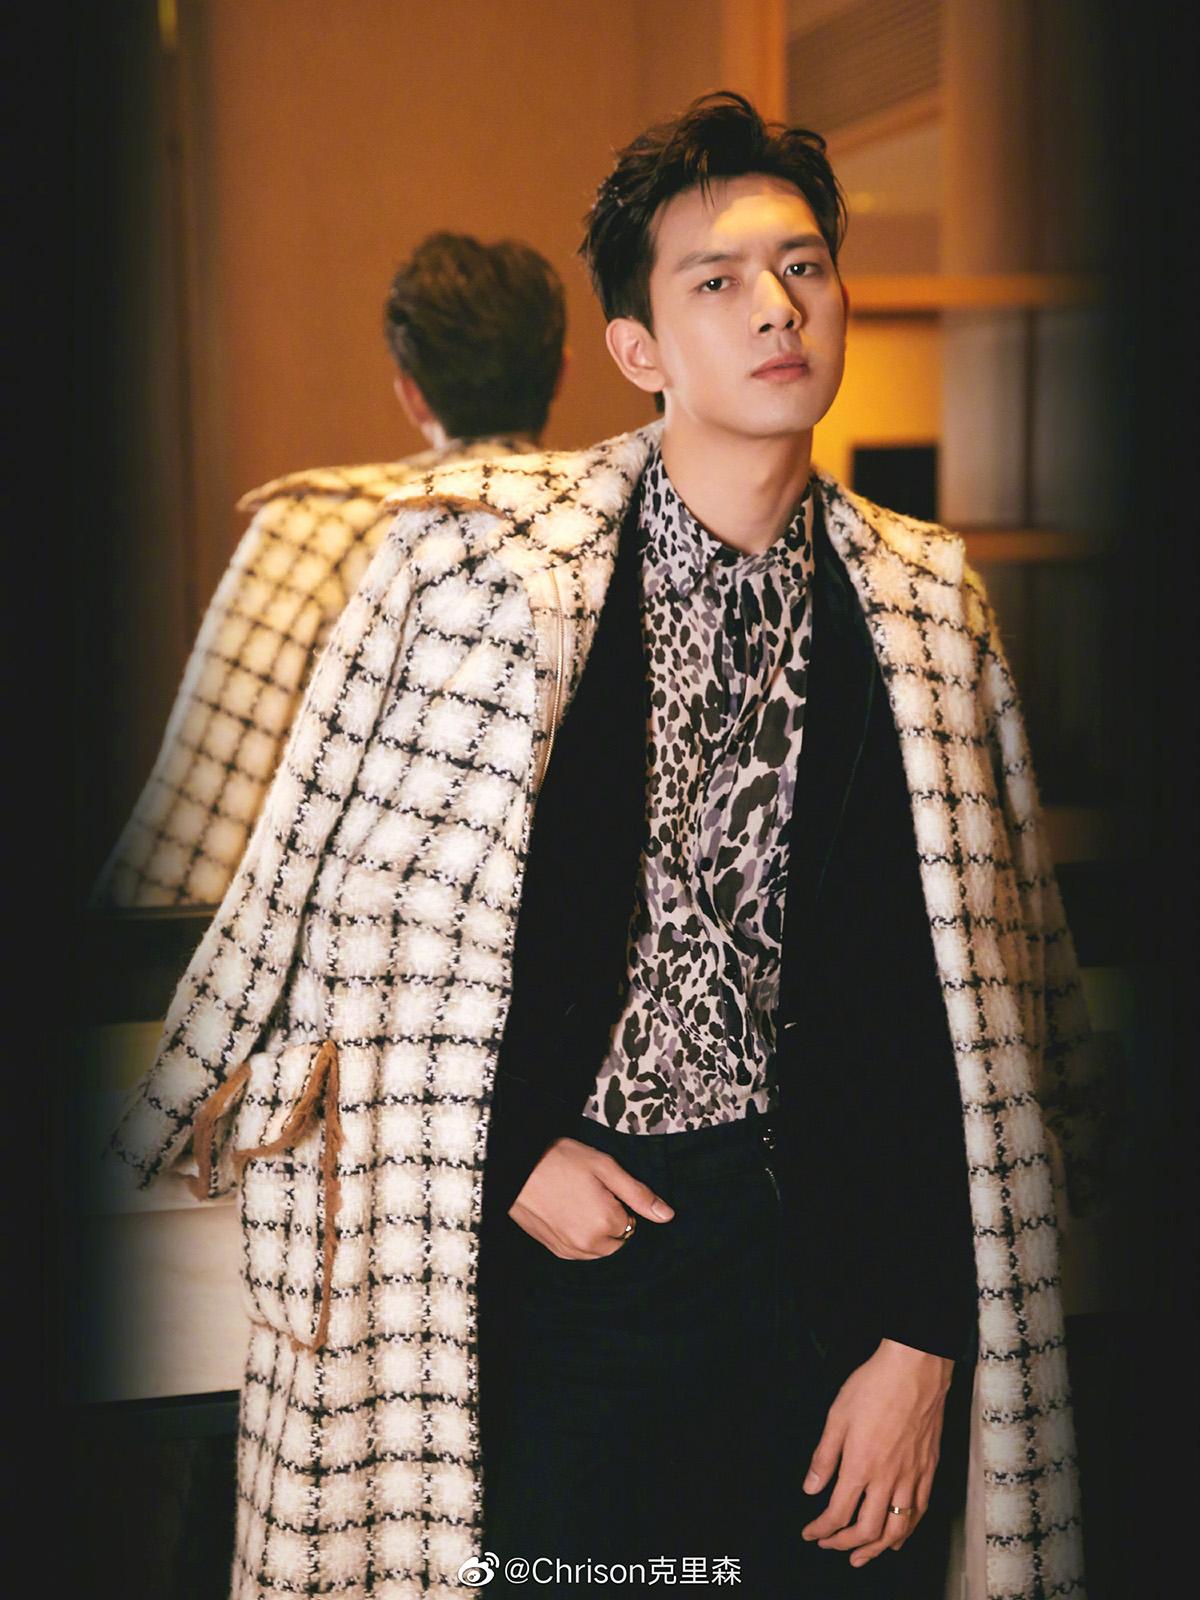 Lý Hiện khoác áo choàng Chanel Thu đông 2019 tại Đêm hội Weibo, tháng 1/2020.